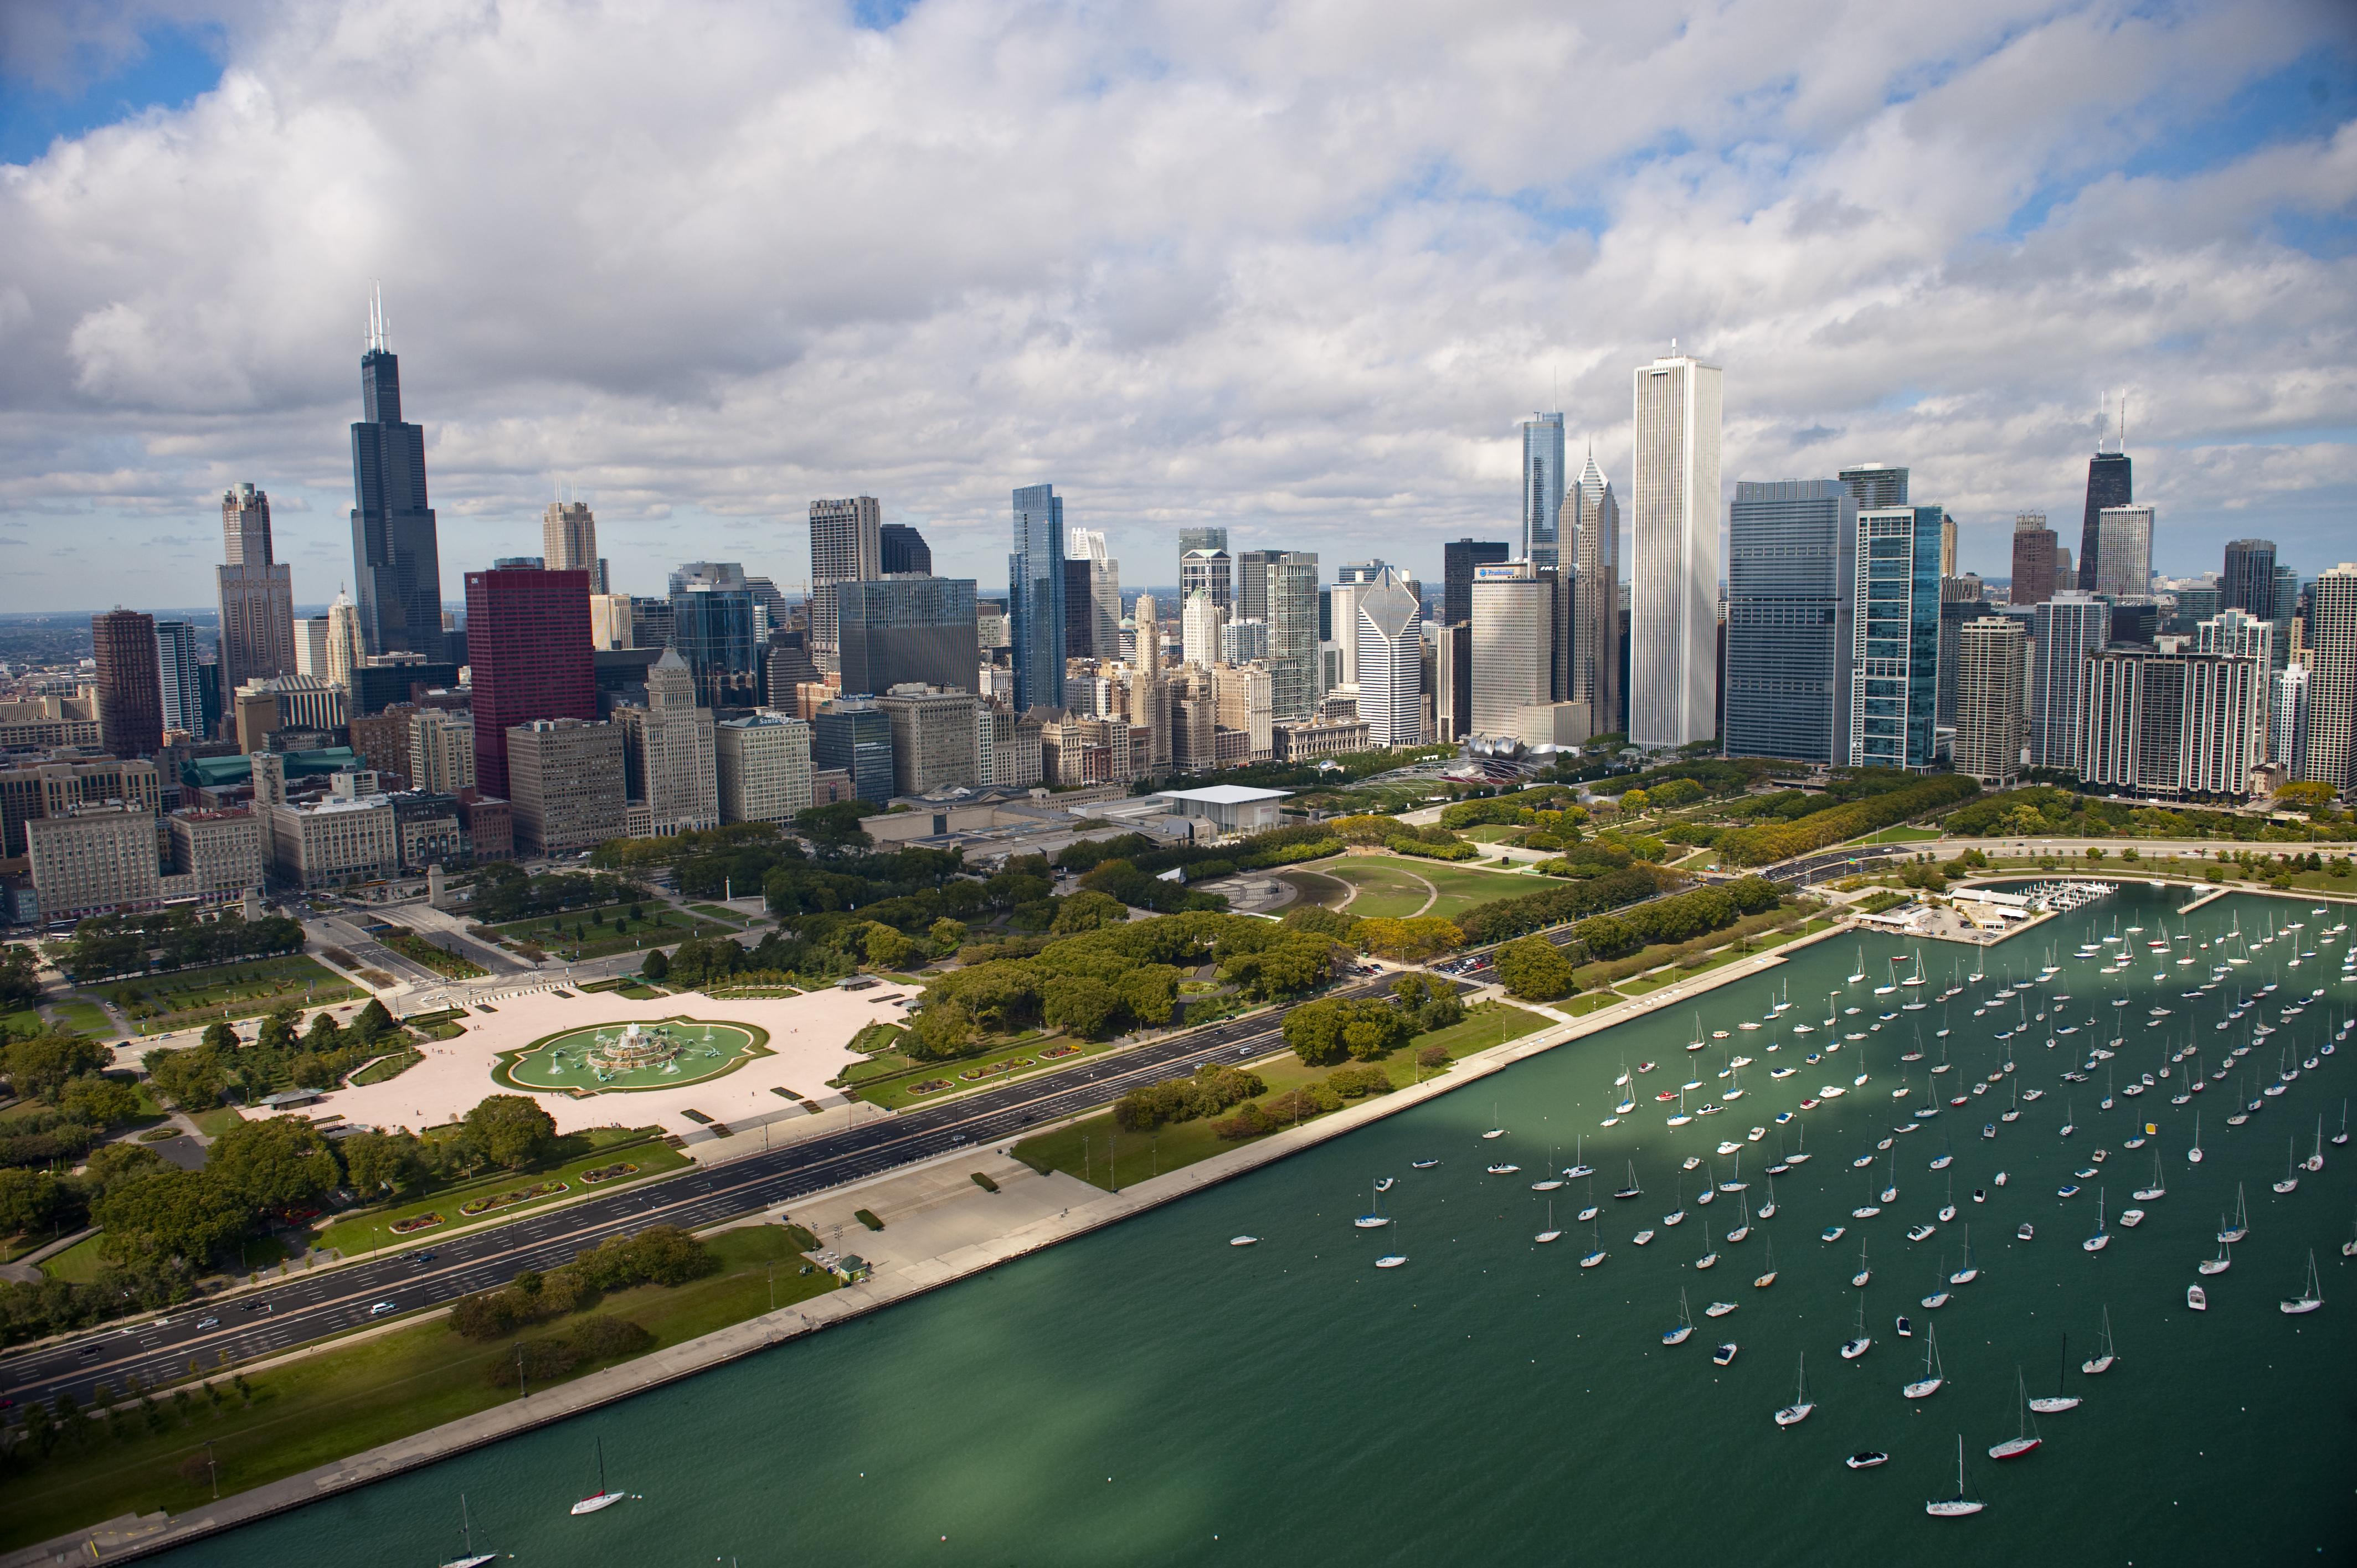 Ava: Exploring Chicago